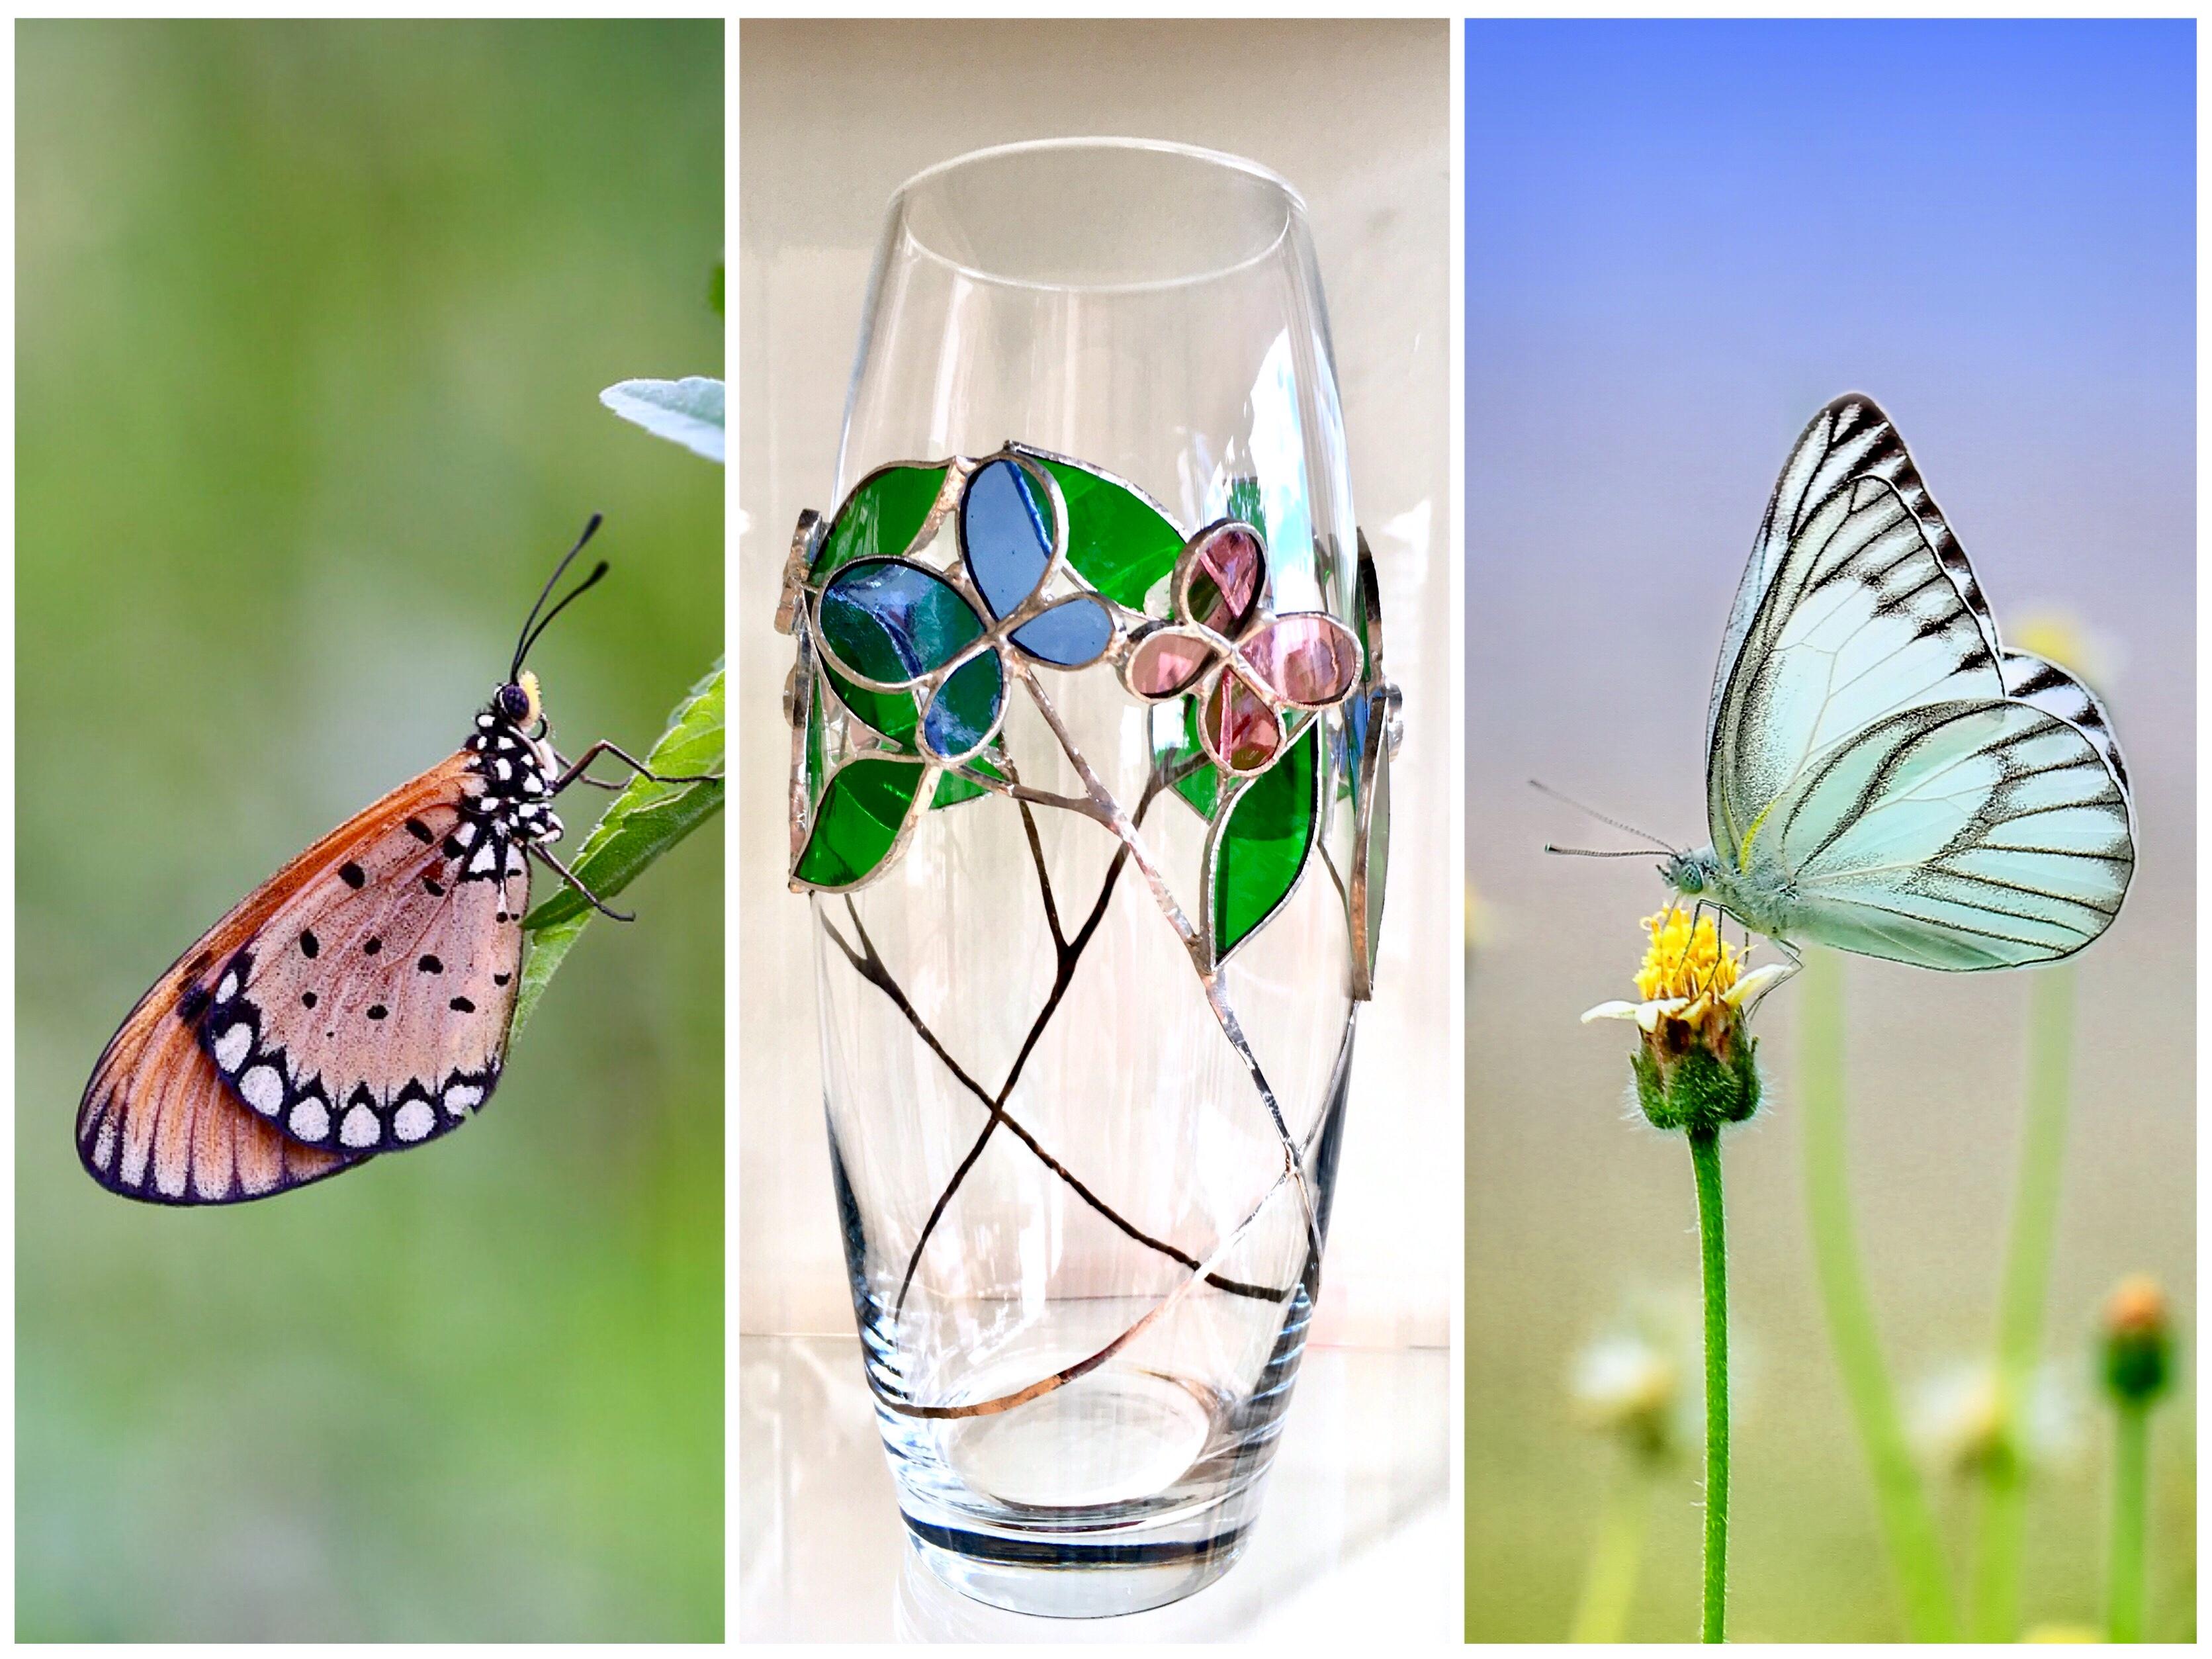 The dance of butterflies